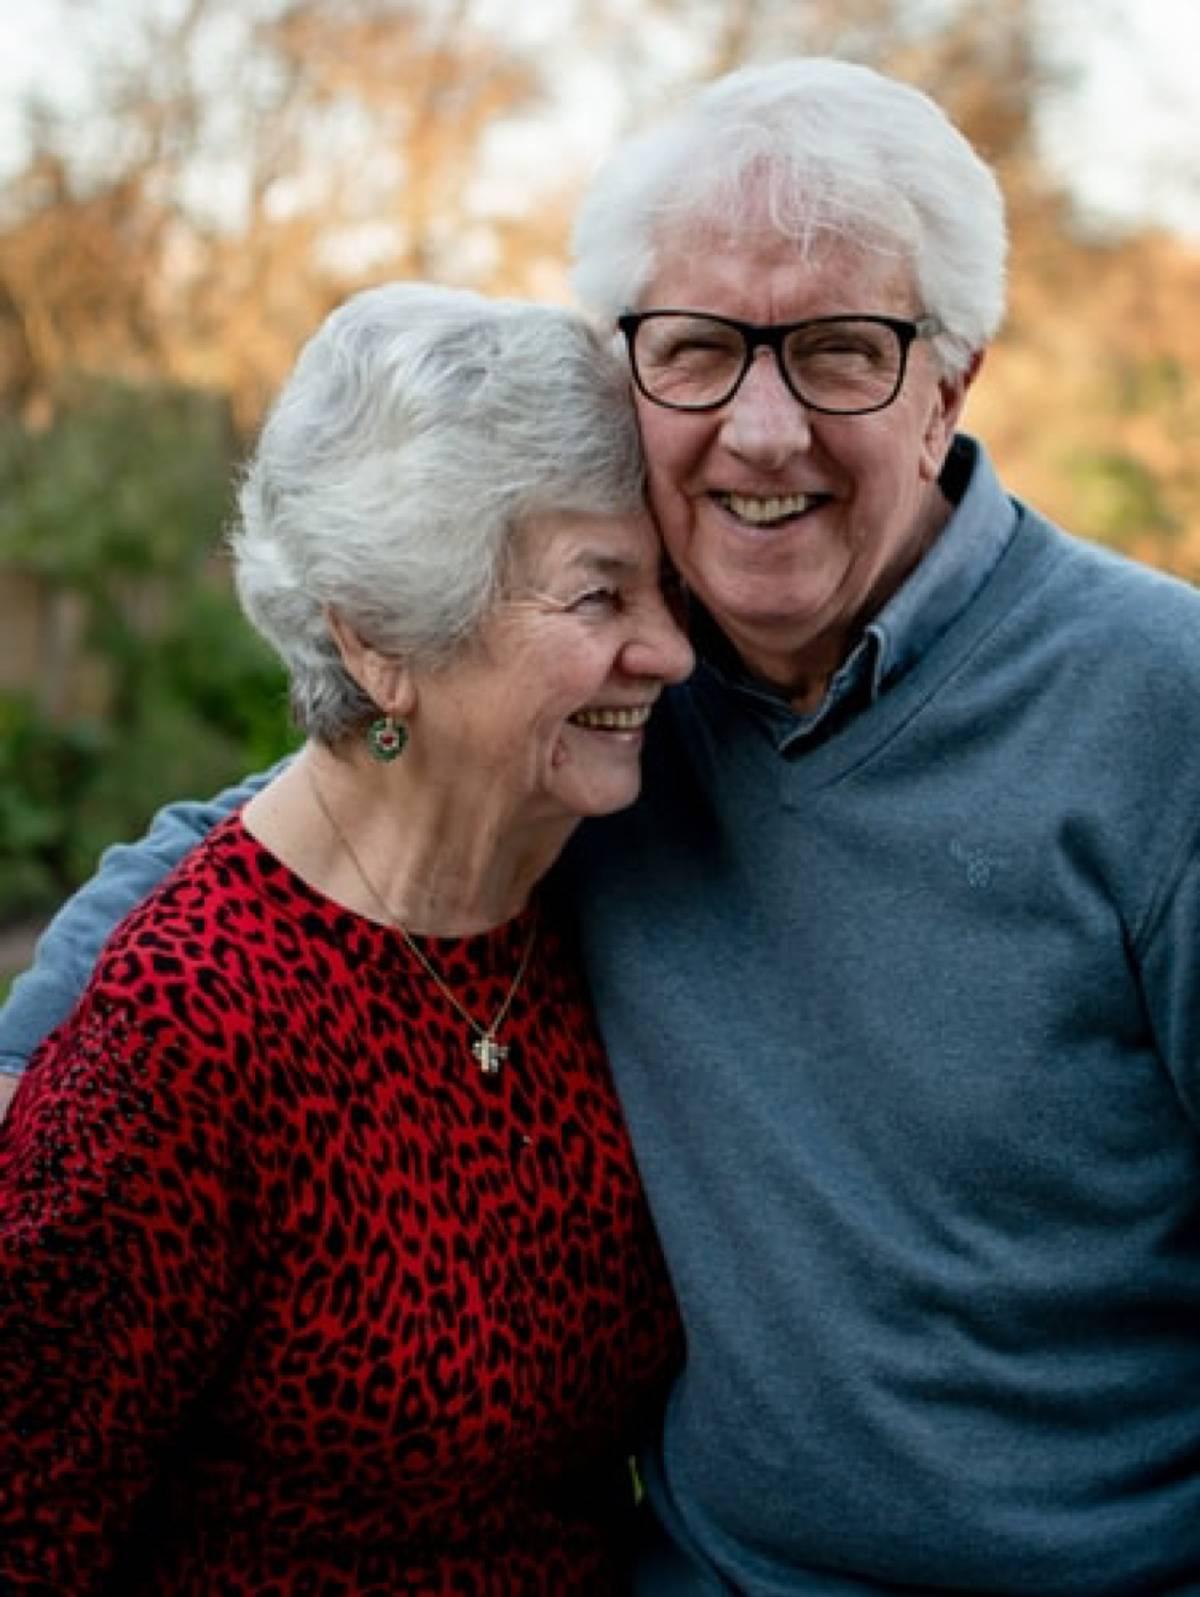 older couple smiling together